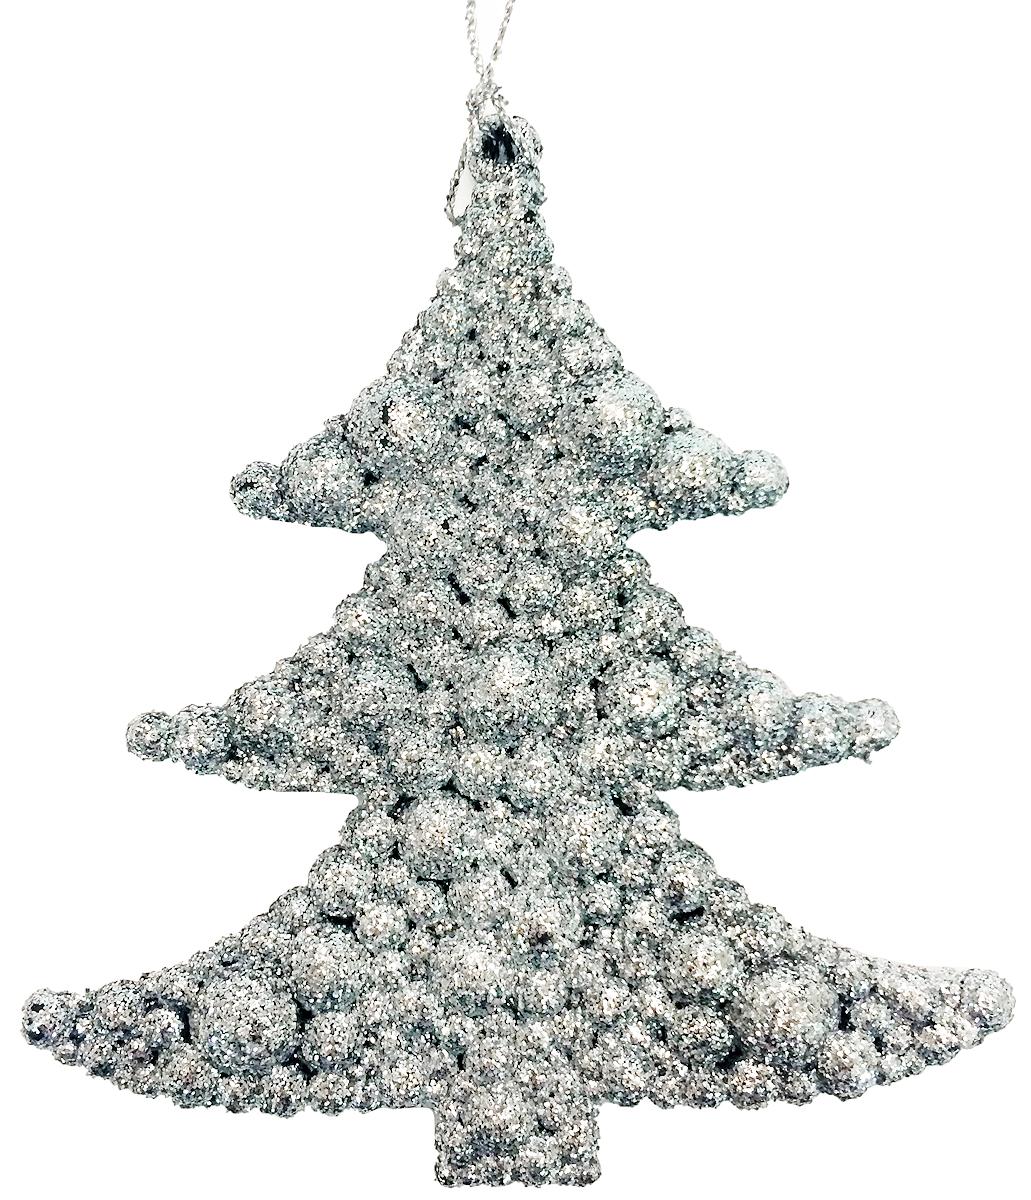 Новогоднее подвесное елочное украшение Magic Time Елочка в серебре, 9х9,5см. 3869638696Материал: пластик, глиттер.